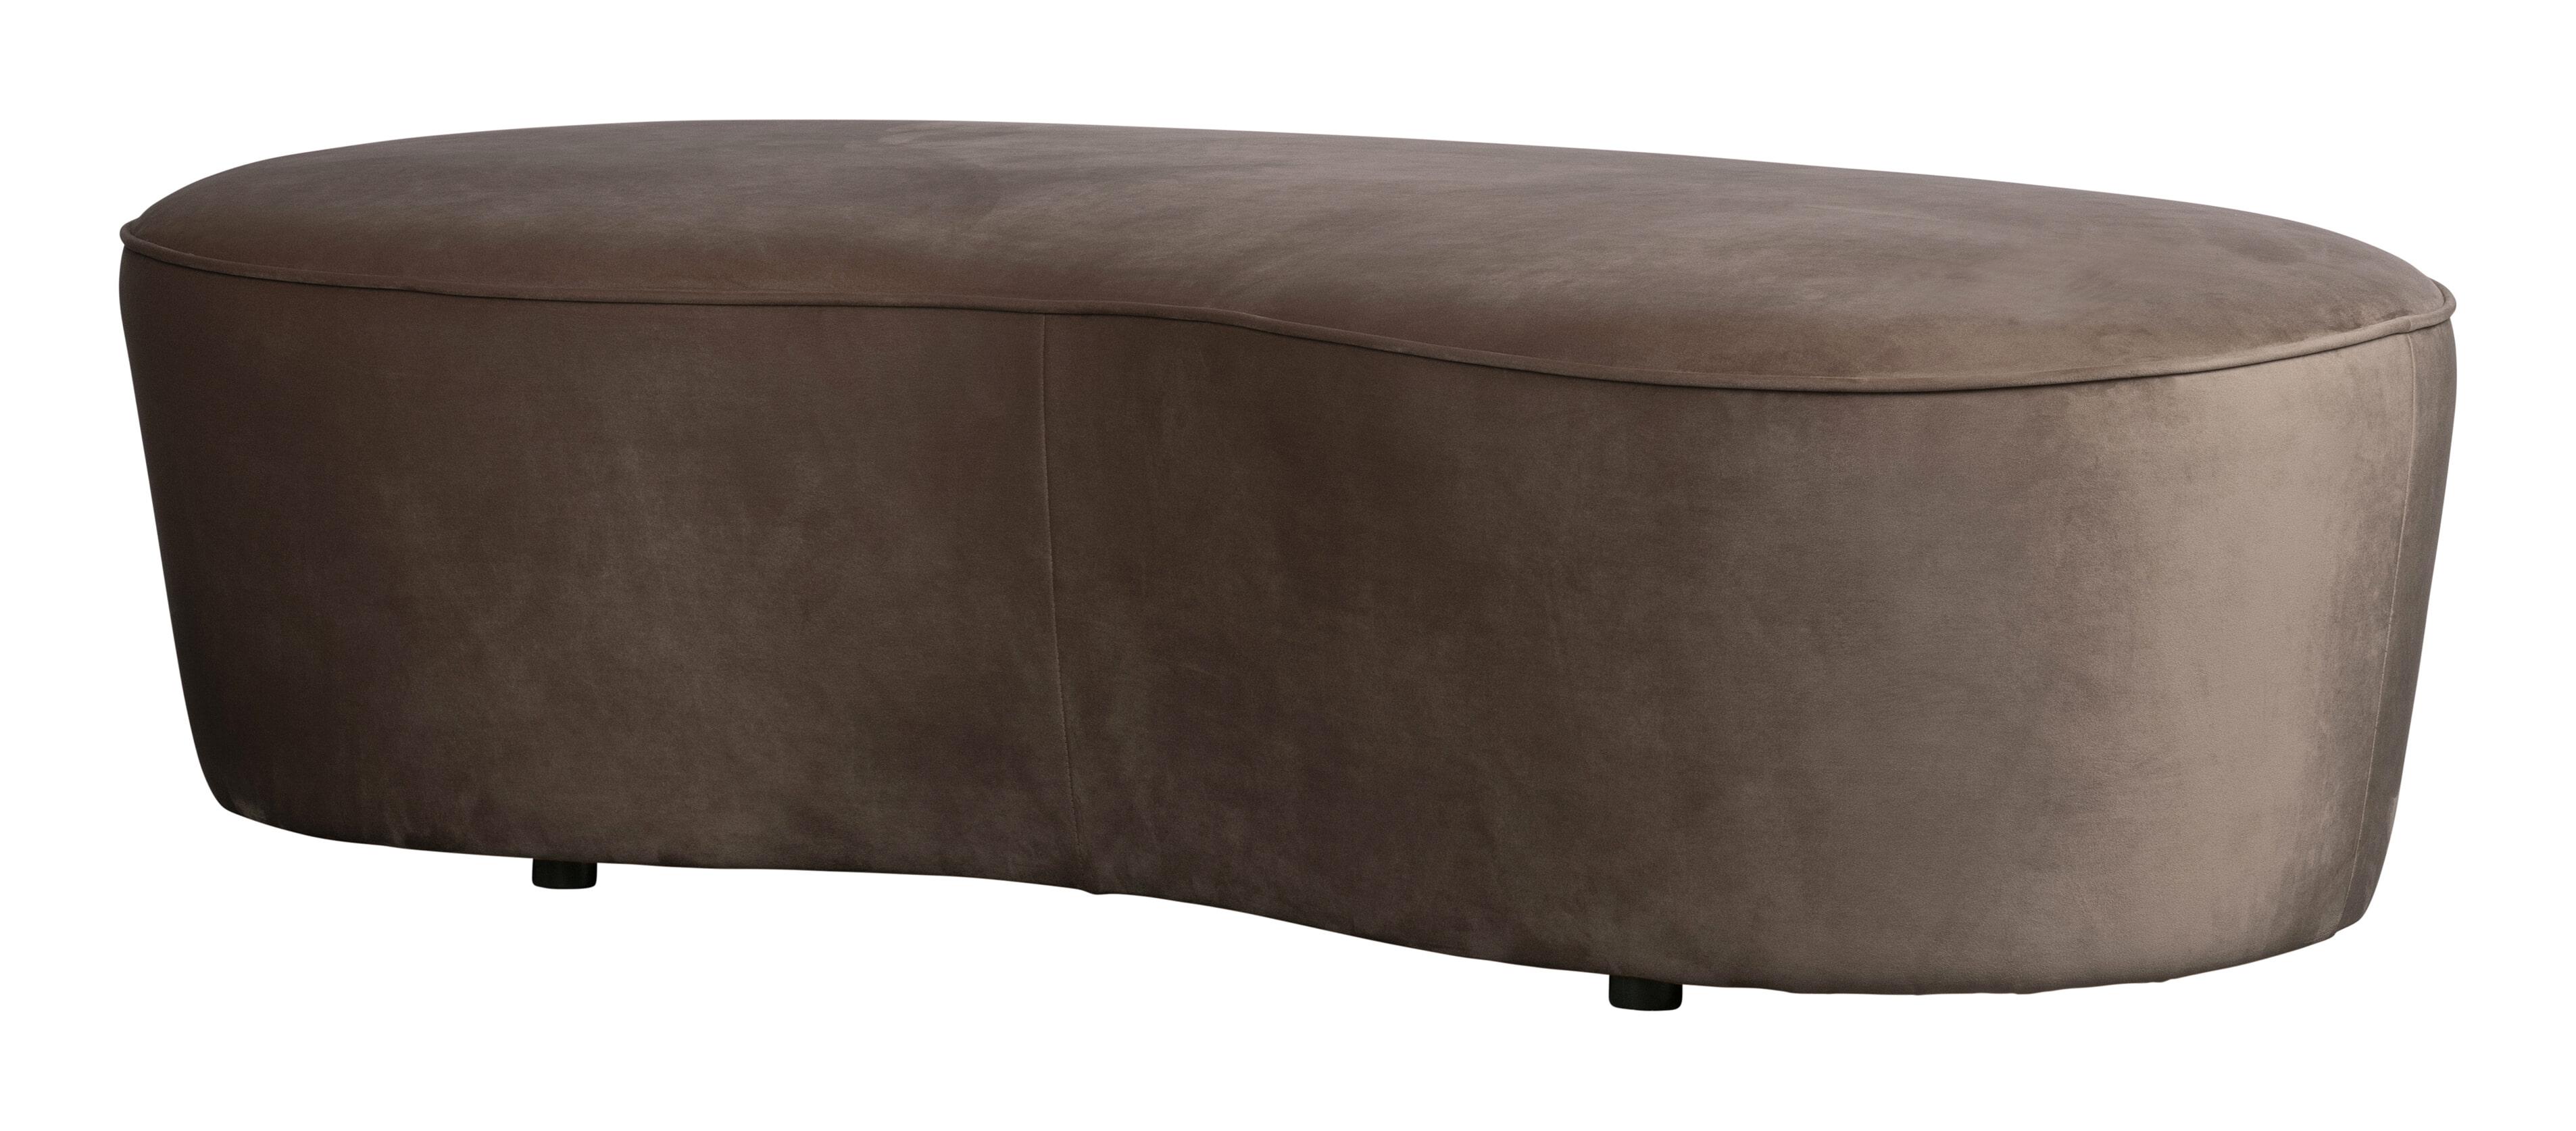 BePureHome Eetkamerbank 'Macaroni' 162cm, Velvet, kleur Nougat